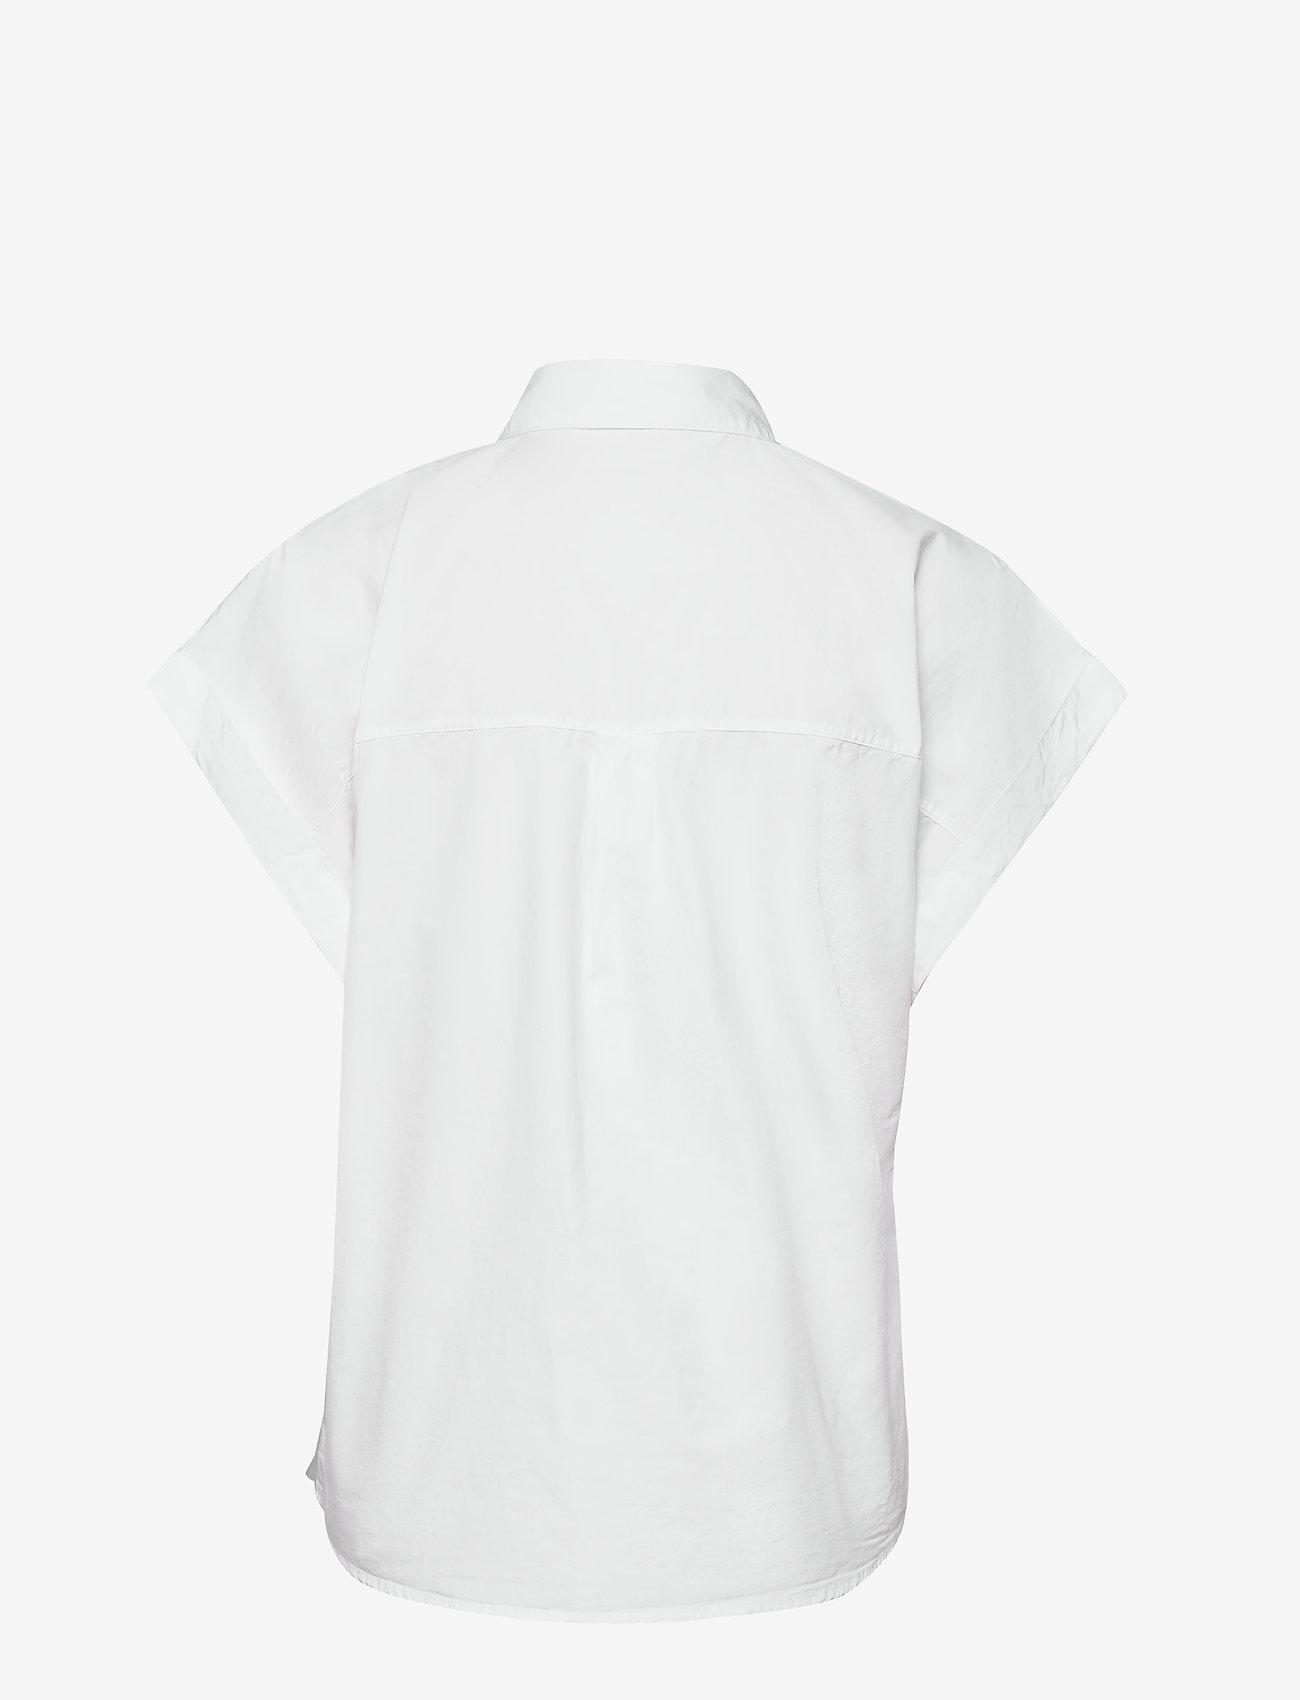 Esprit Casual - Blouses woven - kortermede skjorter - white - 1